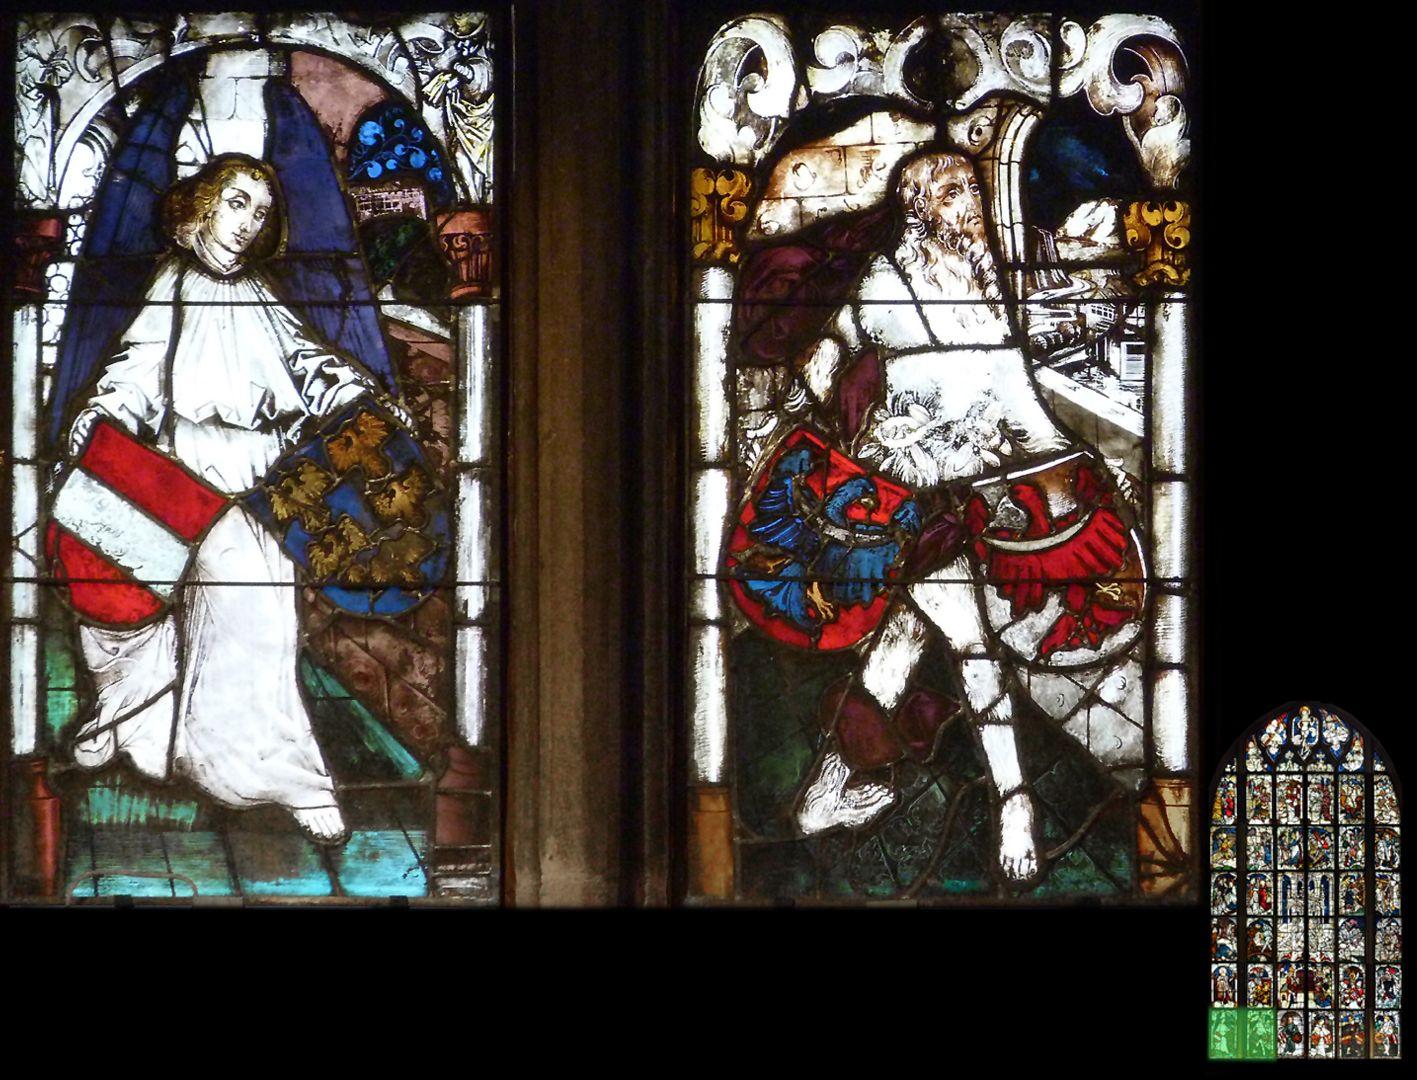 Kaiserfenster links: Engel mit dem Wappen Rot-Weiß-Rot Neuösterreichs und Niederösterreichs mit fünf goldenen Adlern; rechts: Wilder Mann mit den Wappen des Herzogtums Krain und der Grafschaft Tirol.